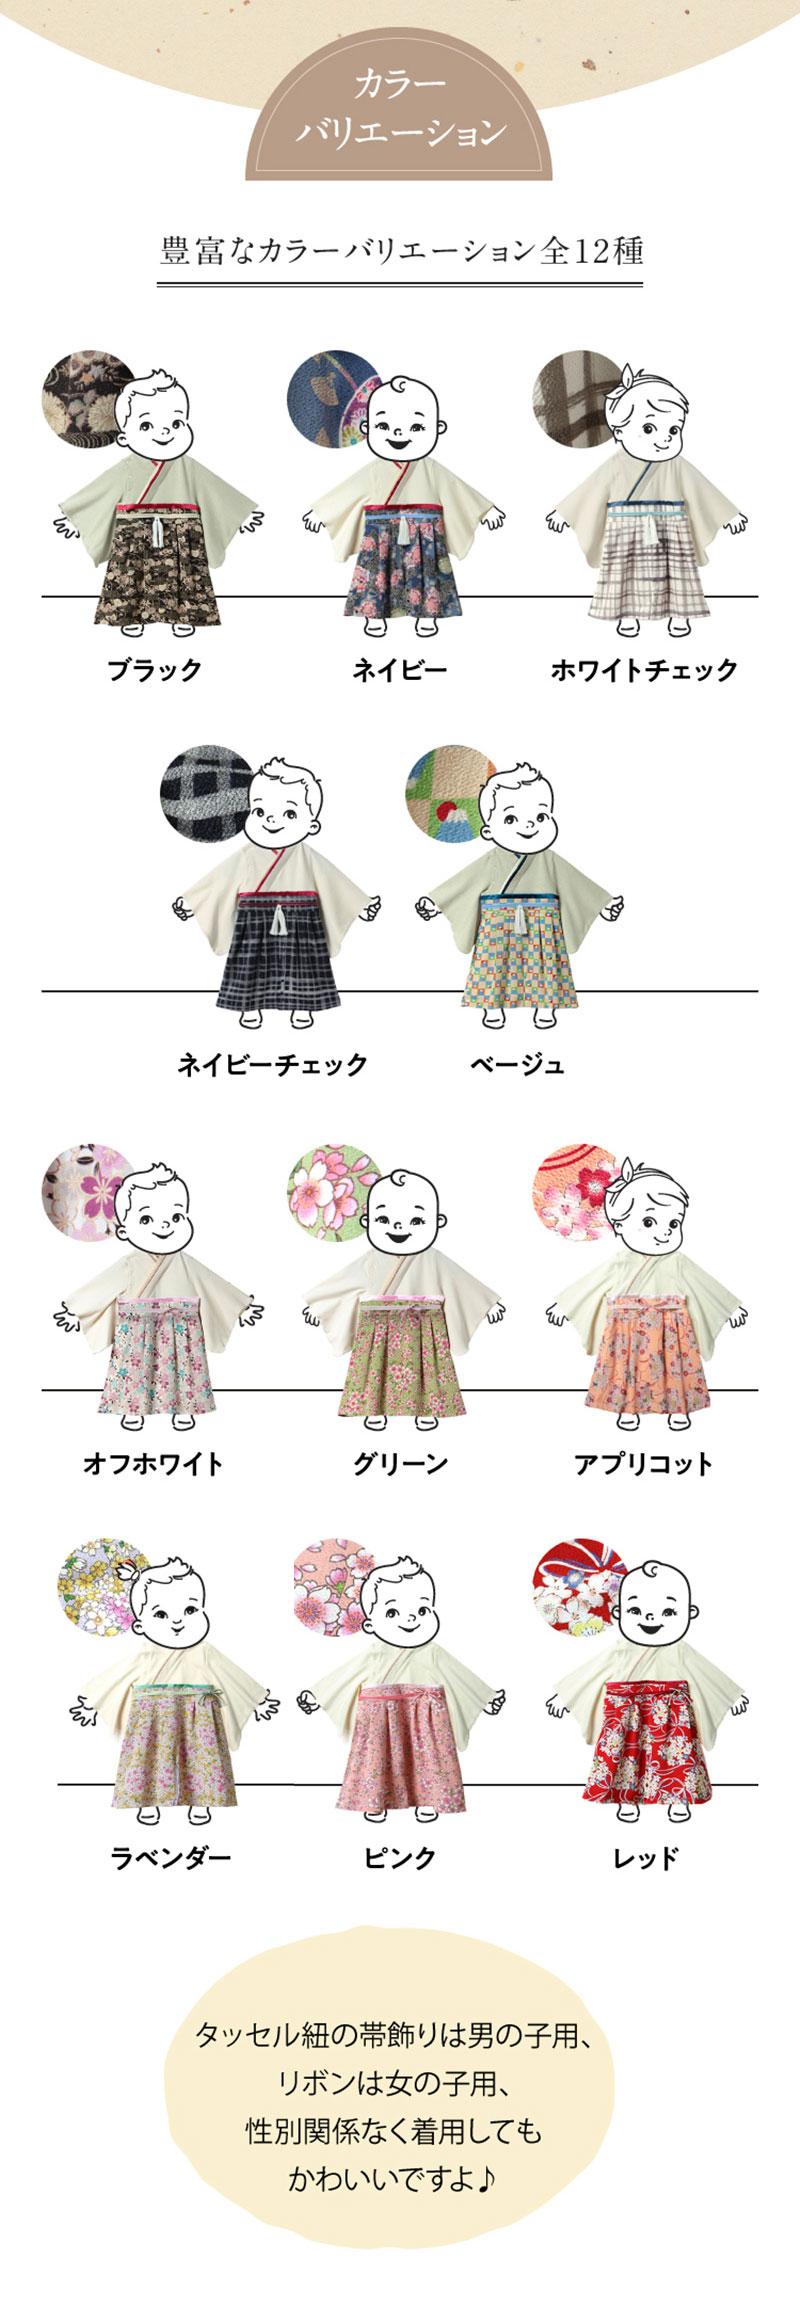 新生児 袴オール 和服 出産祝い お祝い 誕生日プレゼント プレゼント  雛祭り 100日祝い